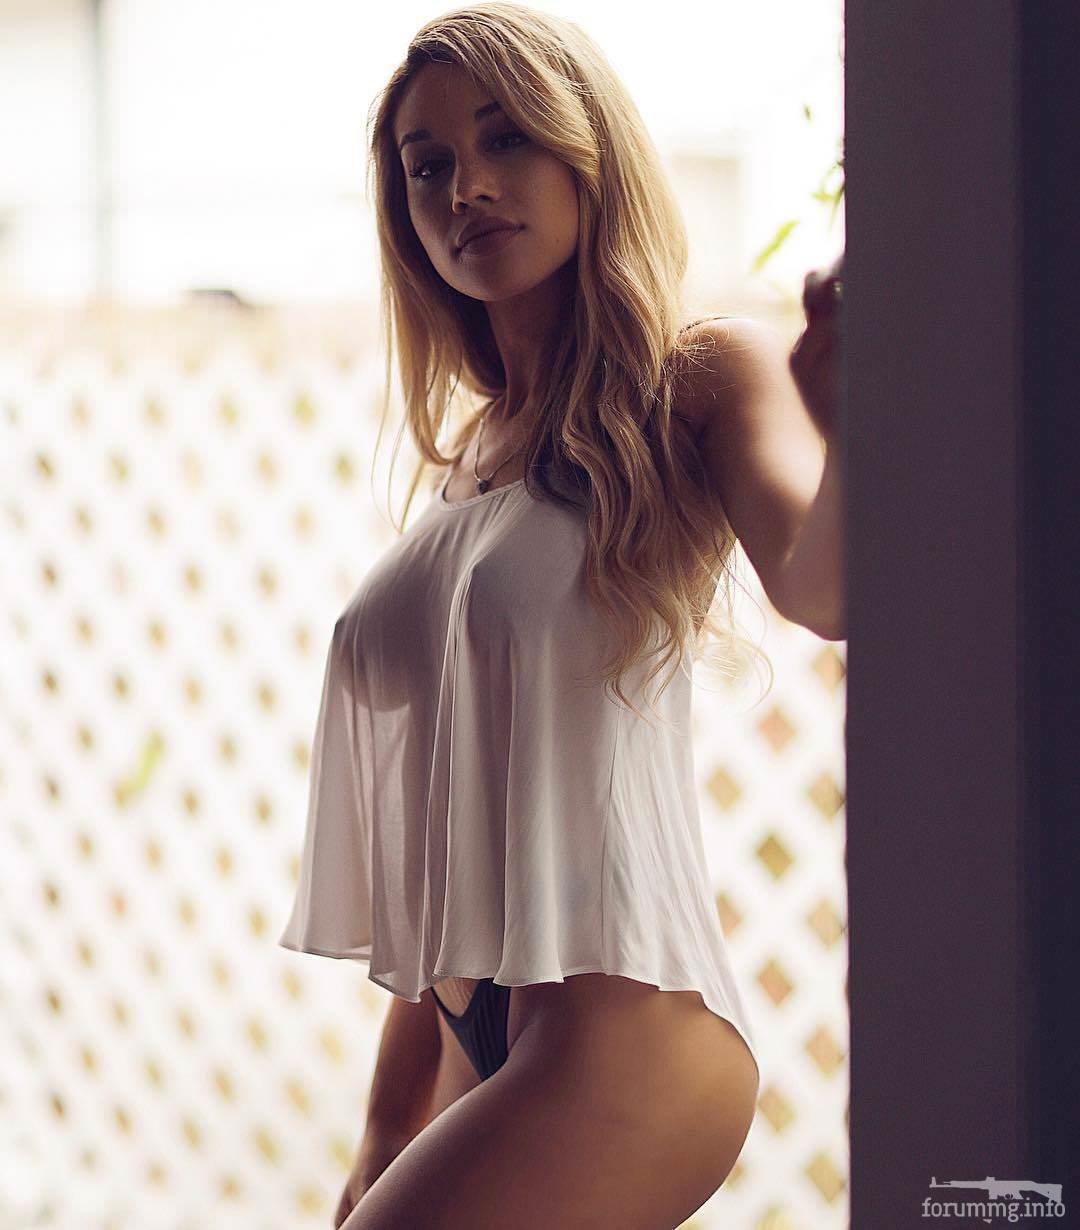 116727 - Красивые женщины